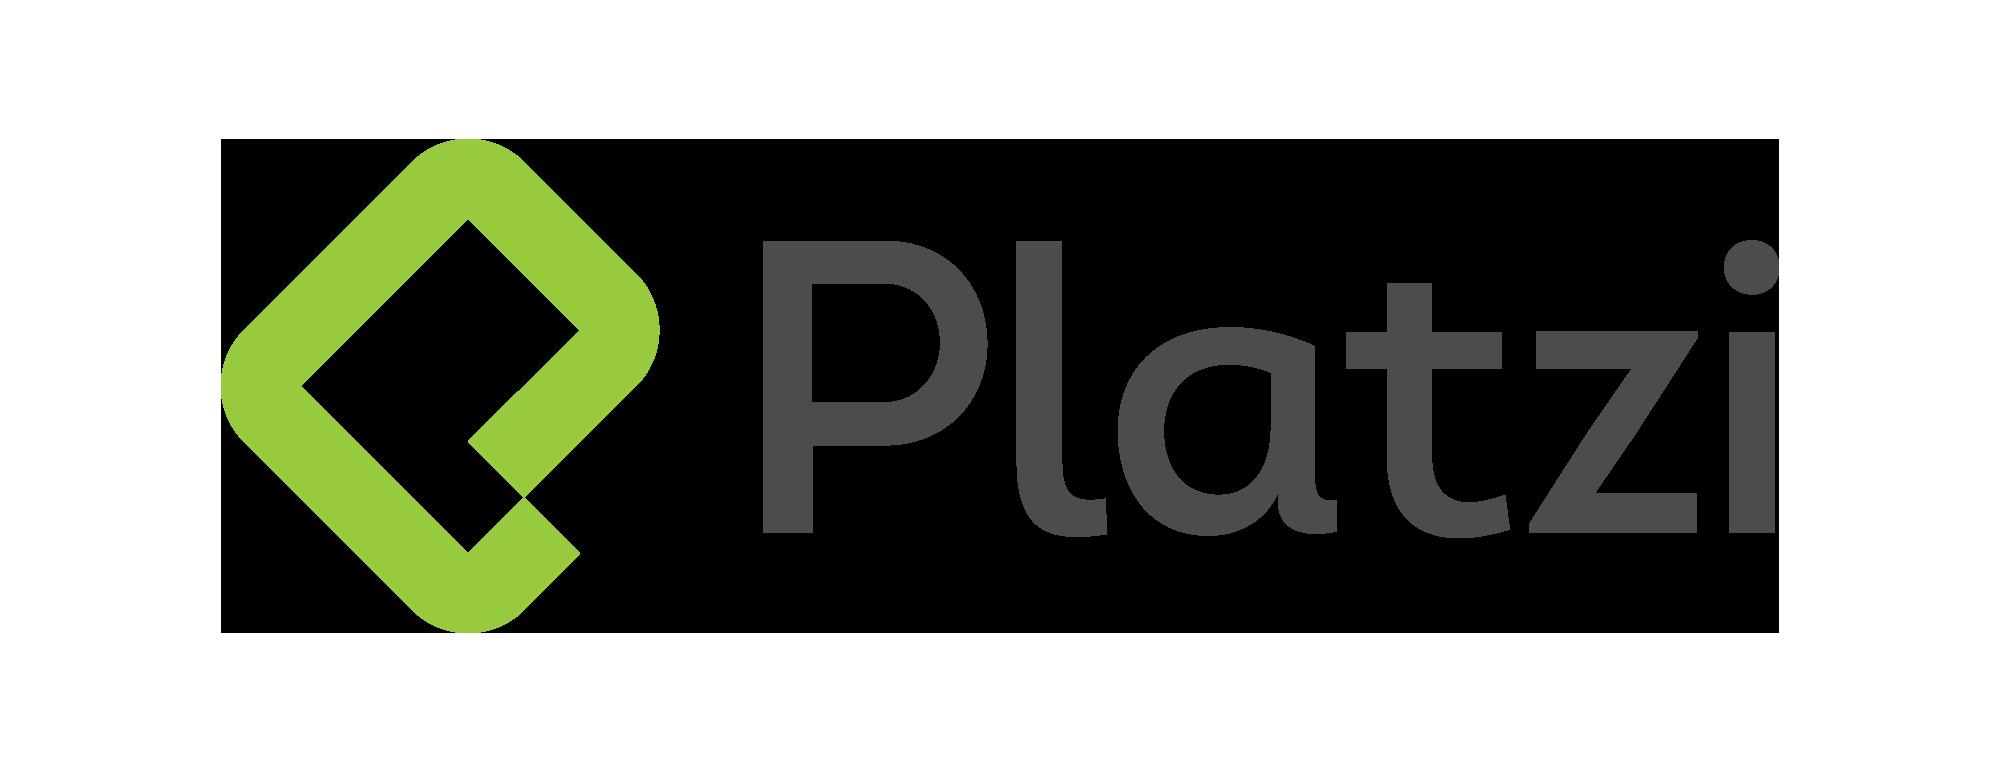 platzi_transparencia.png